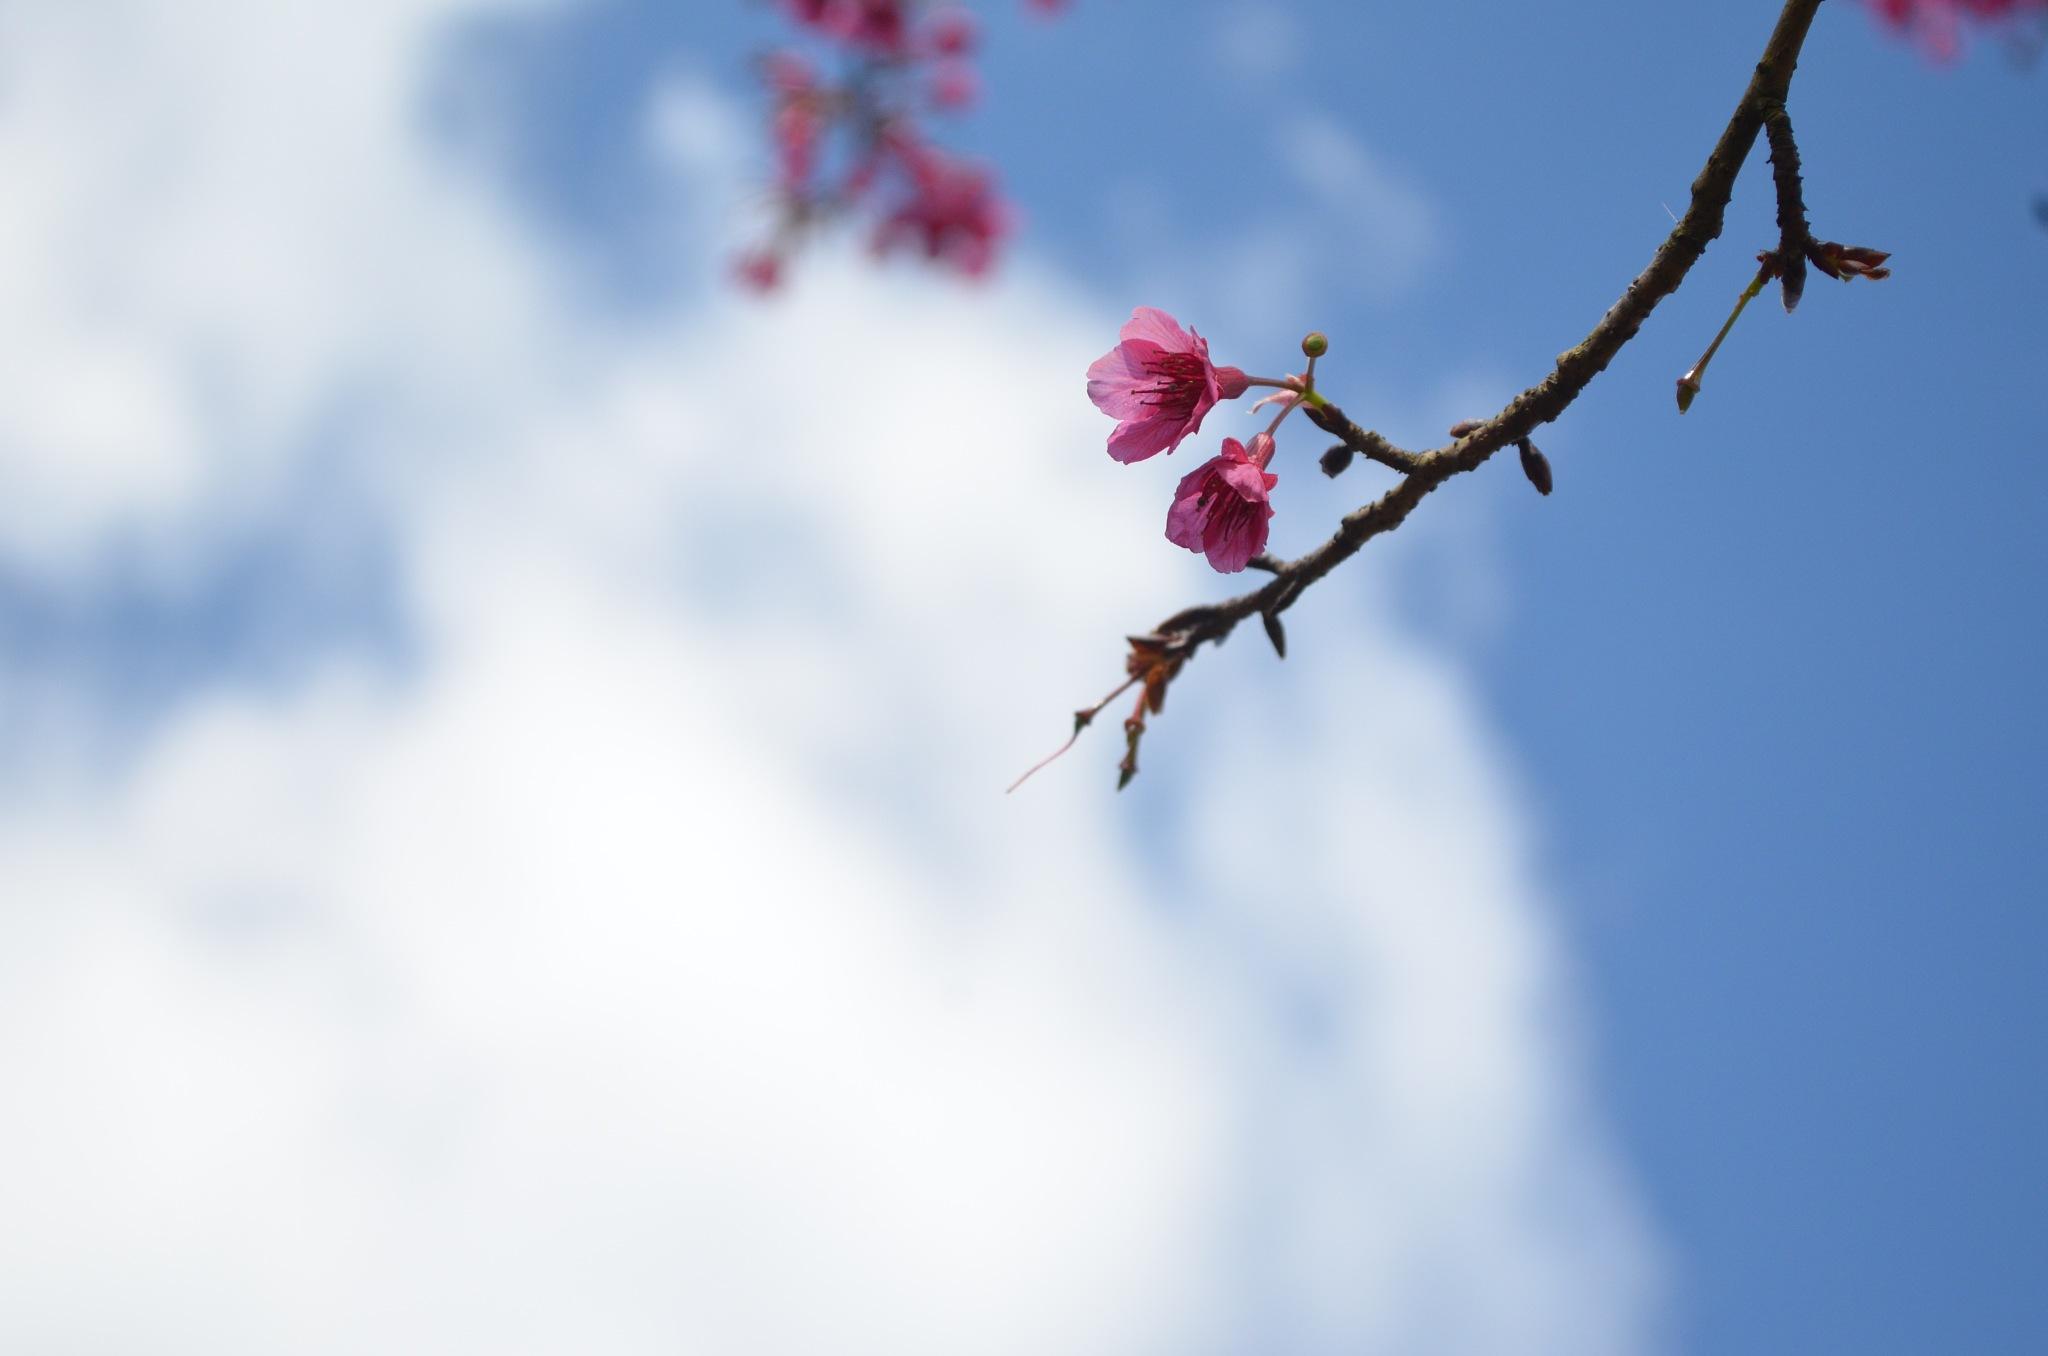 In the Sky by Nirada Somjit